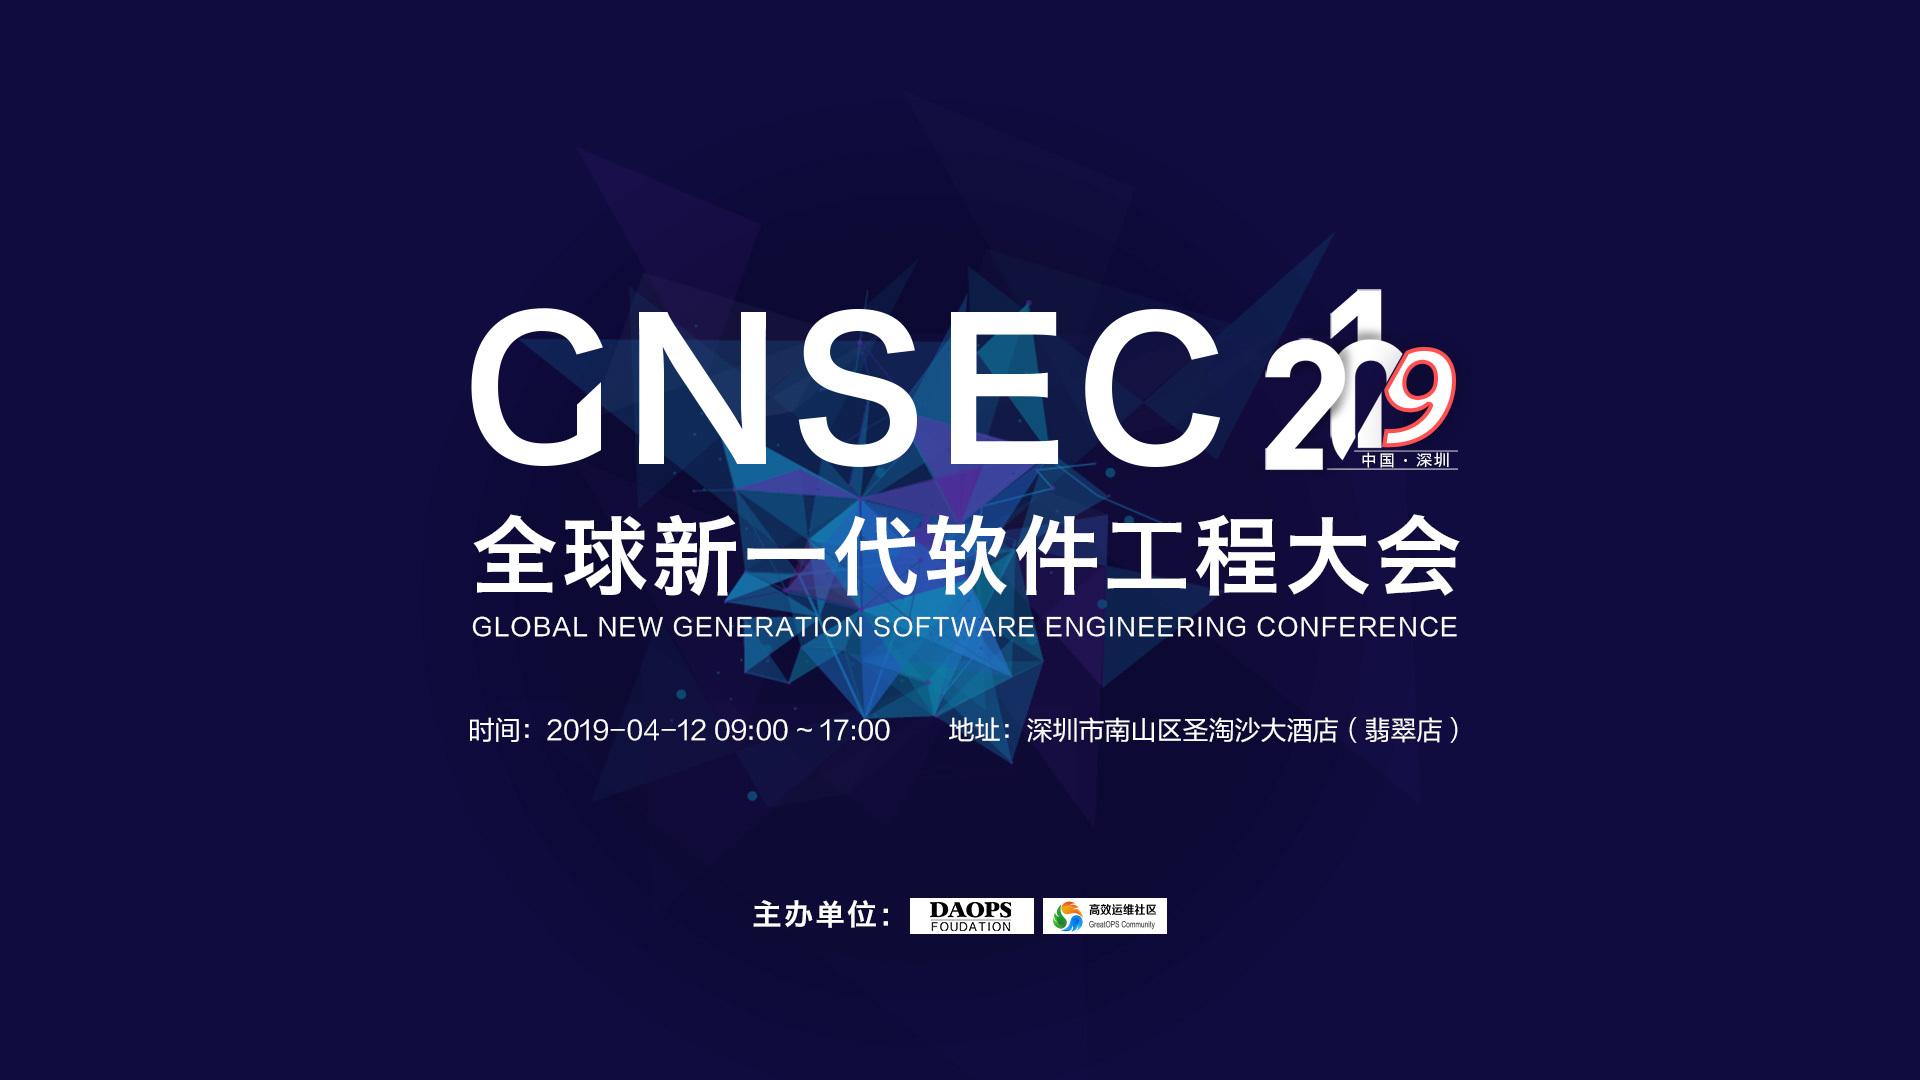 GNSEC 2019全球新一代软件工程大会 · 深圳站